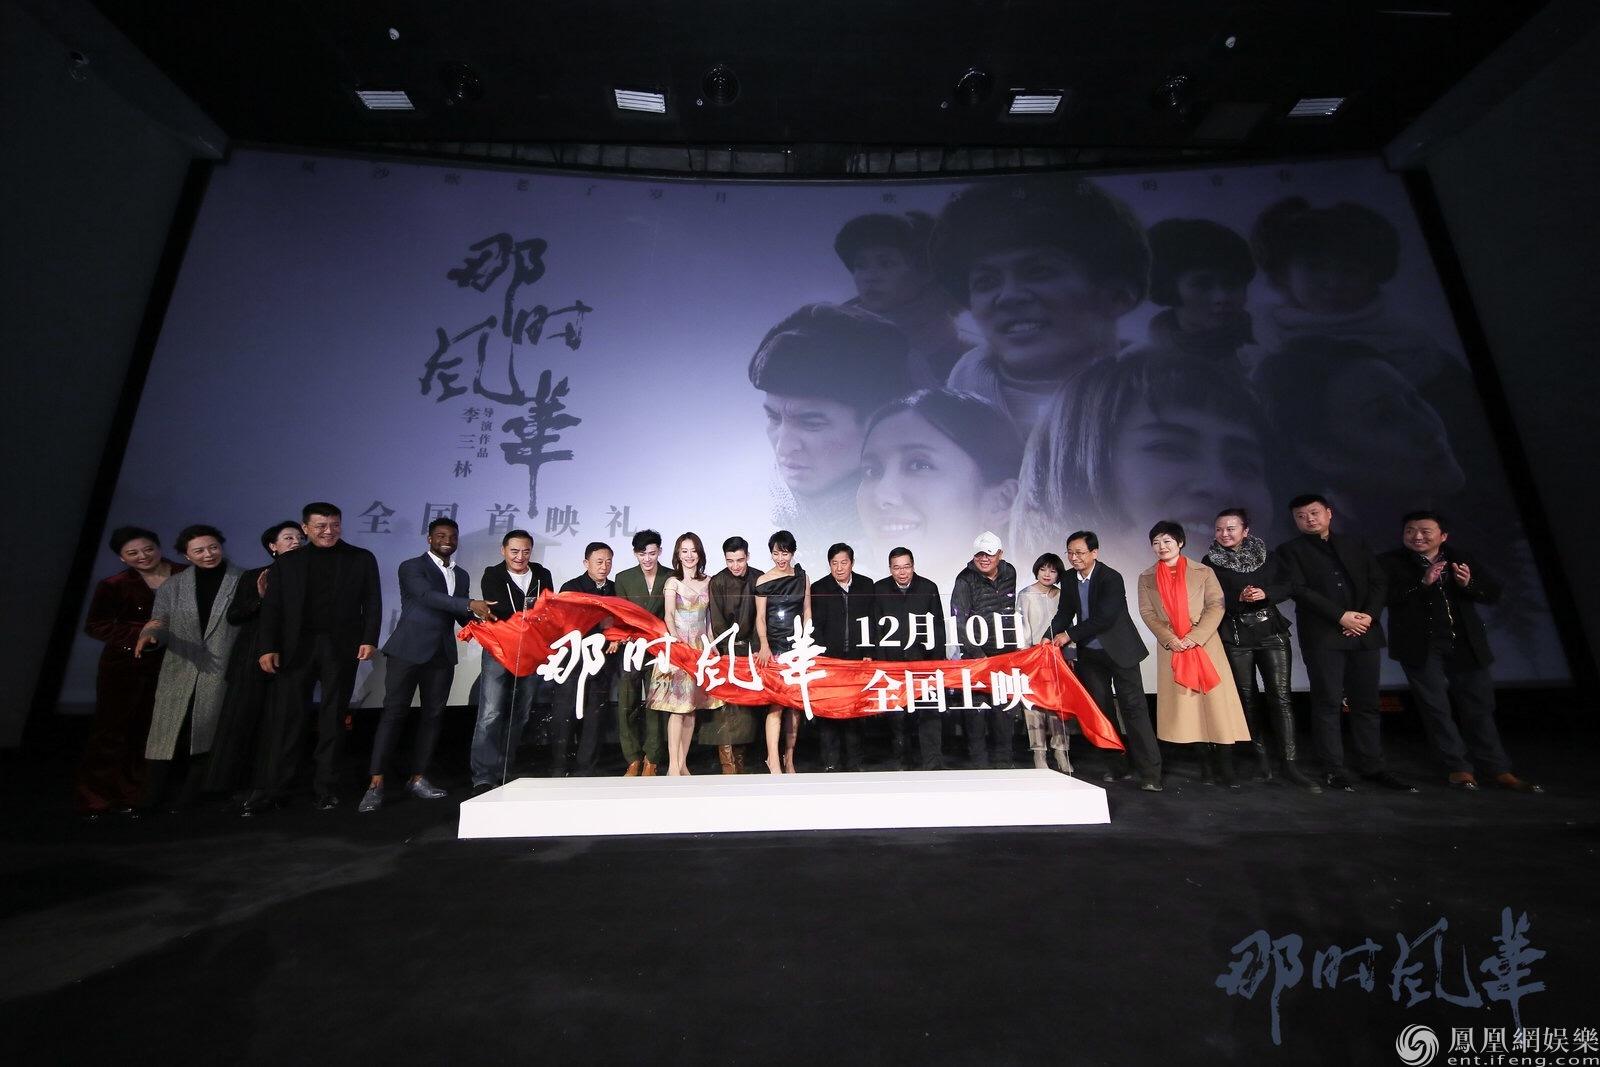 """《那时风华》首映奏响传承 """"塞罕坝精神""""生命礼赞"""